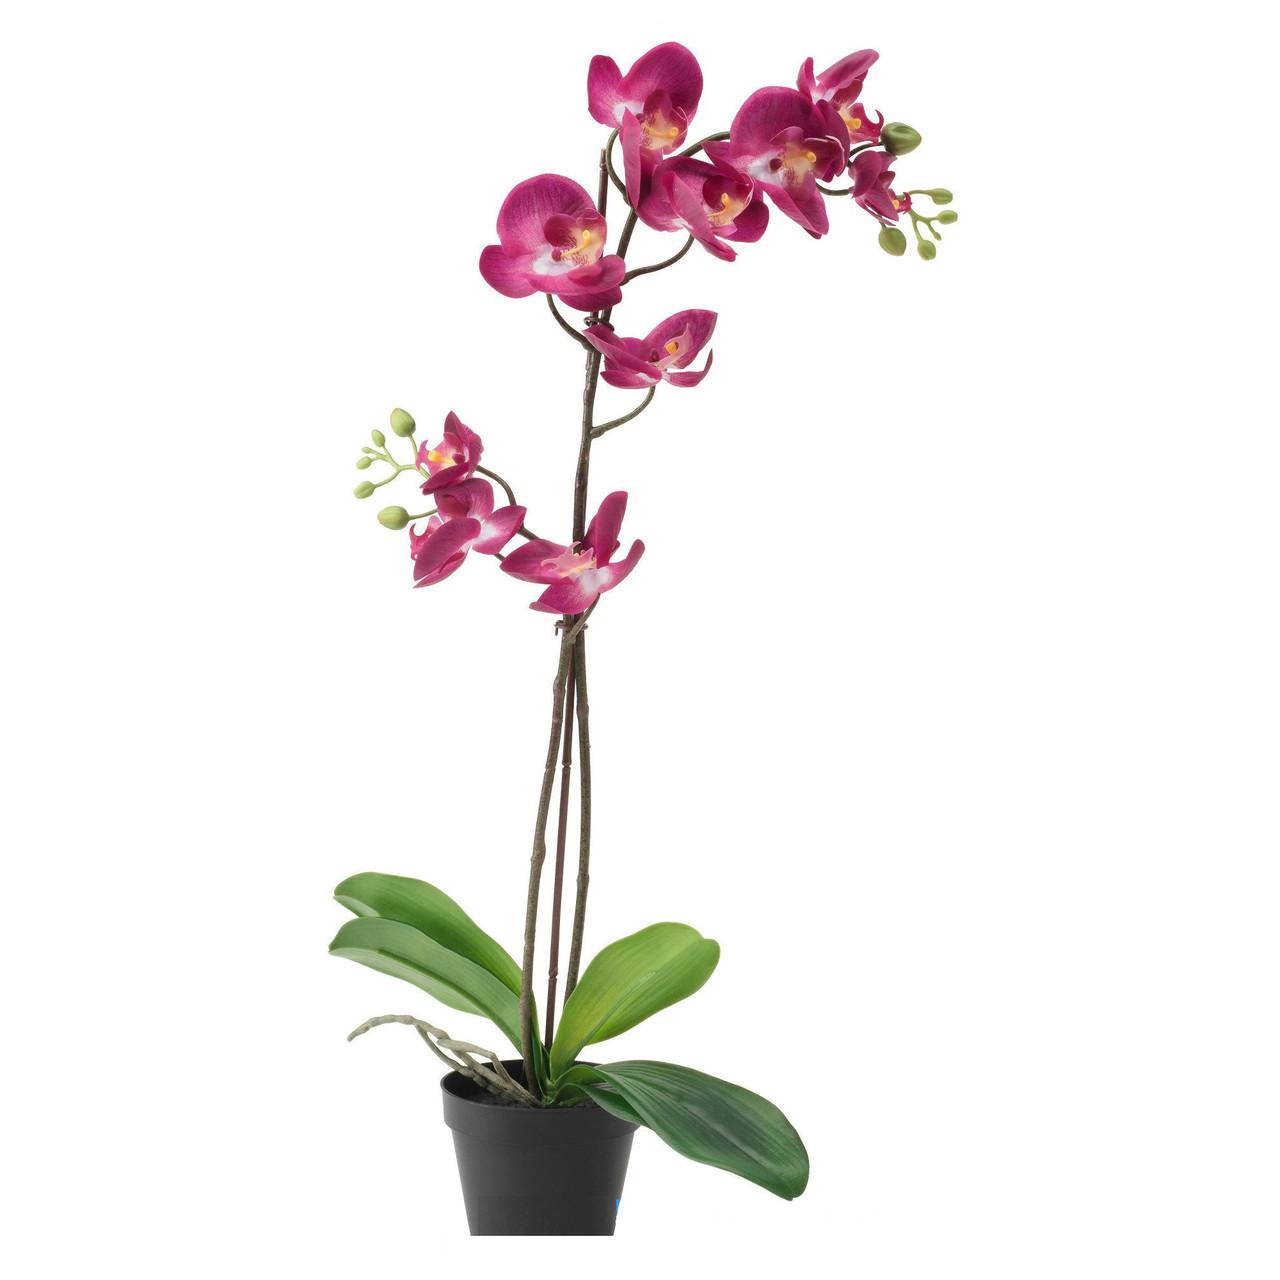 ФЕЙКА, Искусственное растение, фиолетовая, 65 см 50292303, ИКЕА, IKEA, FEJKA